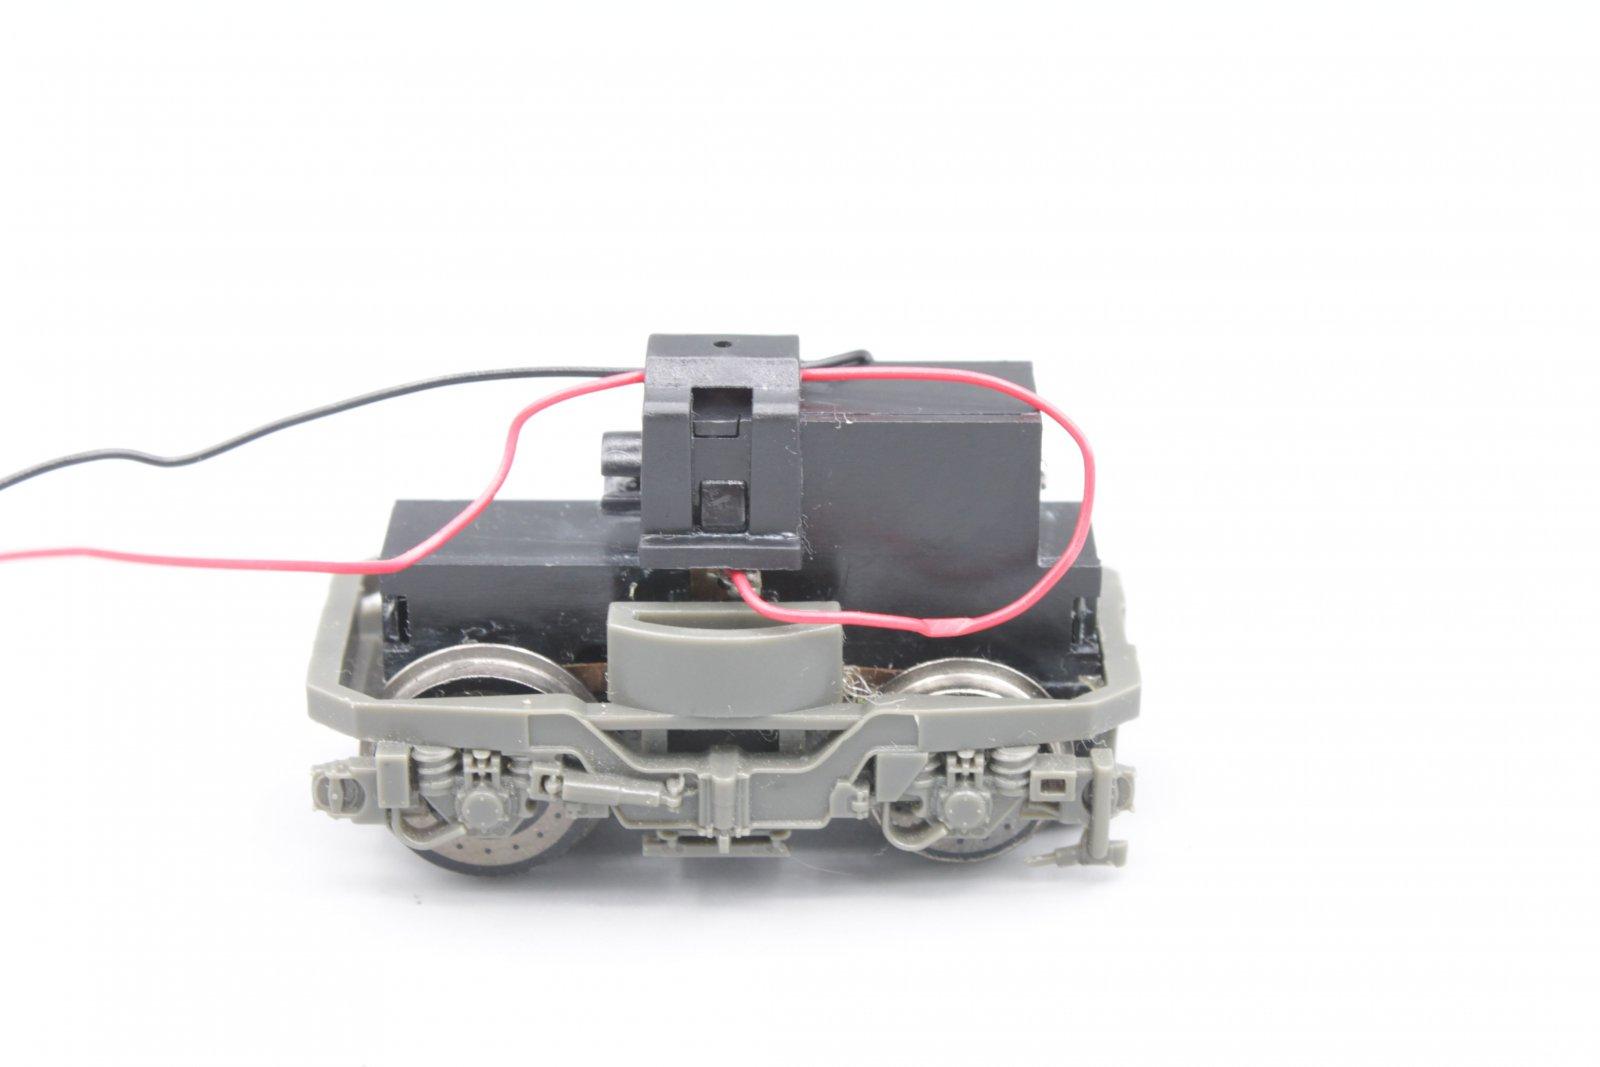 Ersatzteil Piko ER20-223-2016 Drehgestell komplett Radsatz Getriebe Blende